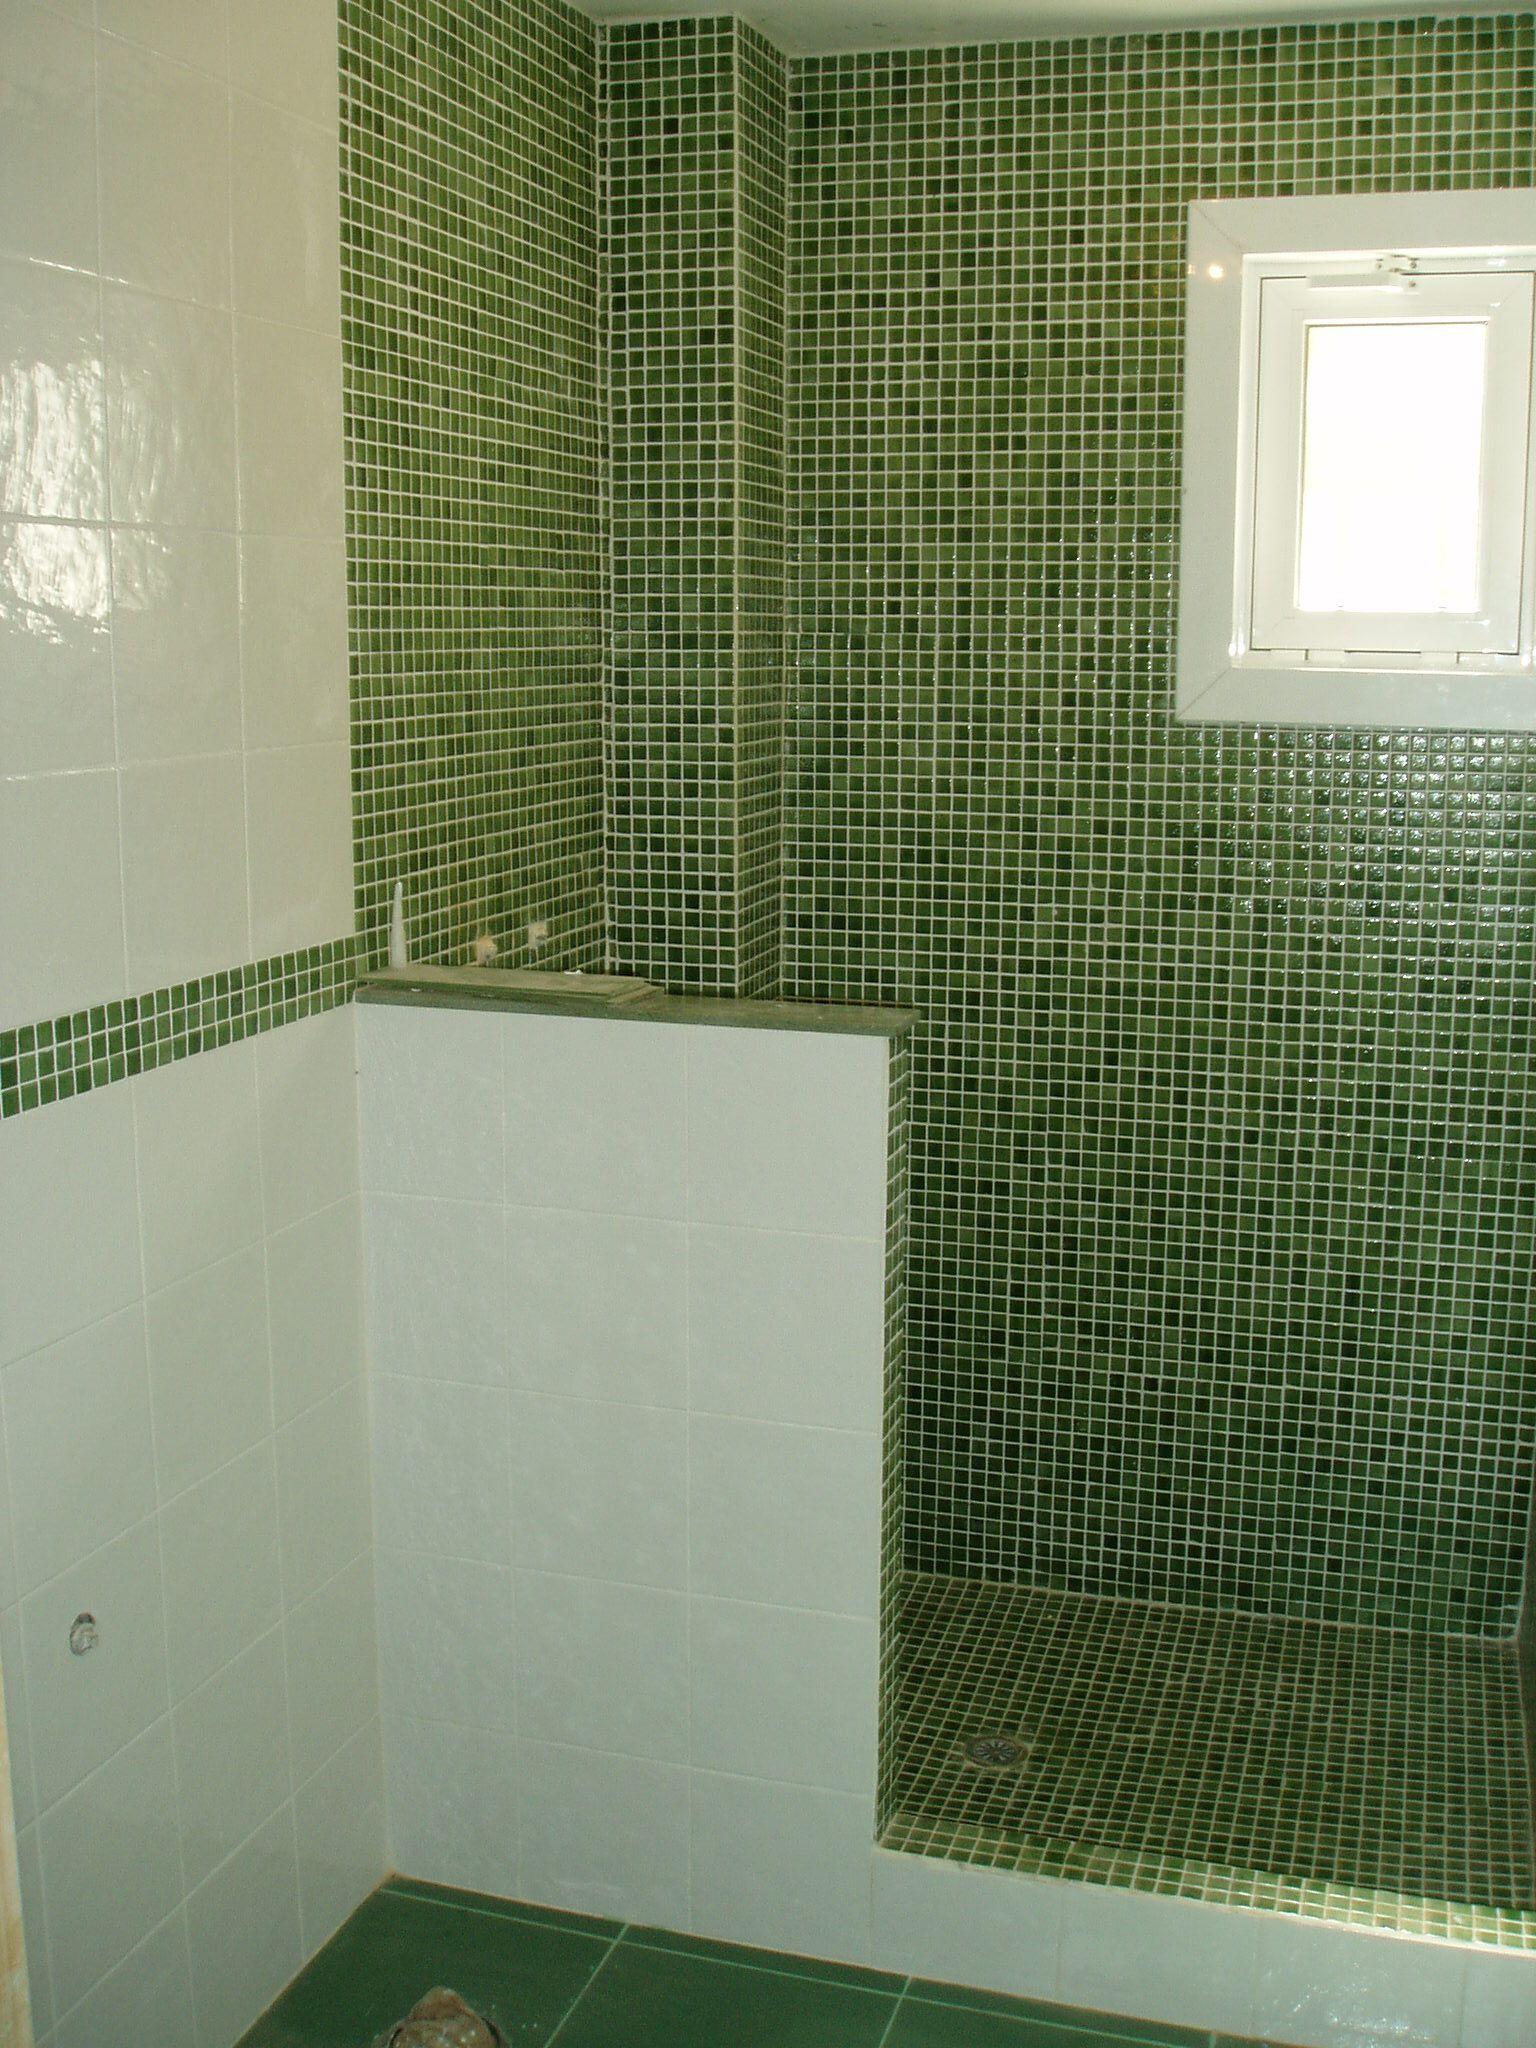 Ba o gresite verde en combinaci n con azulejo blanco - Azulejos para duchas ...